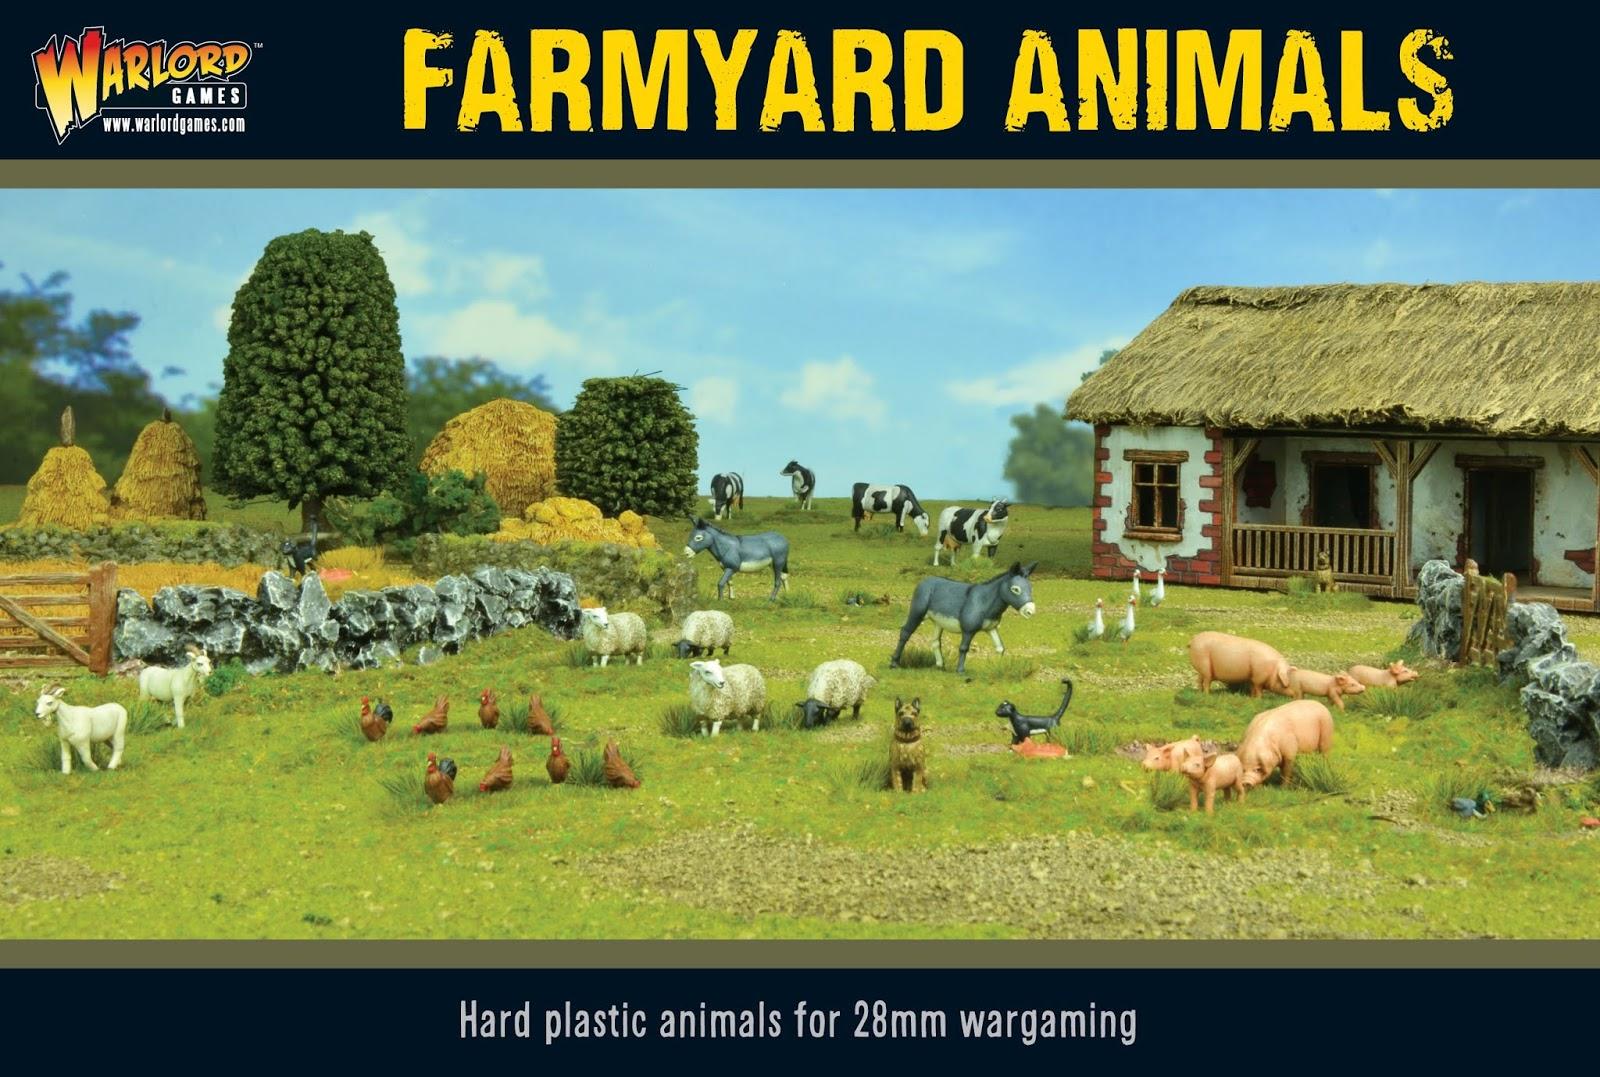 EIEIO-Farmyard_Animals_PW01_RTE_box_fron